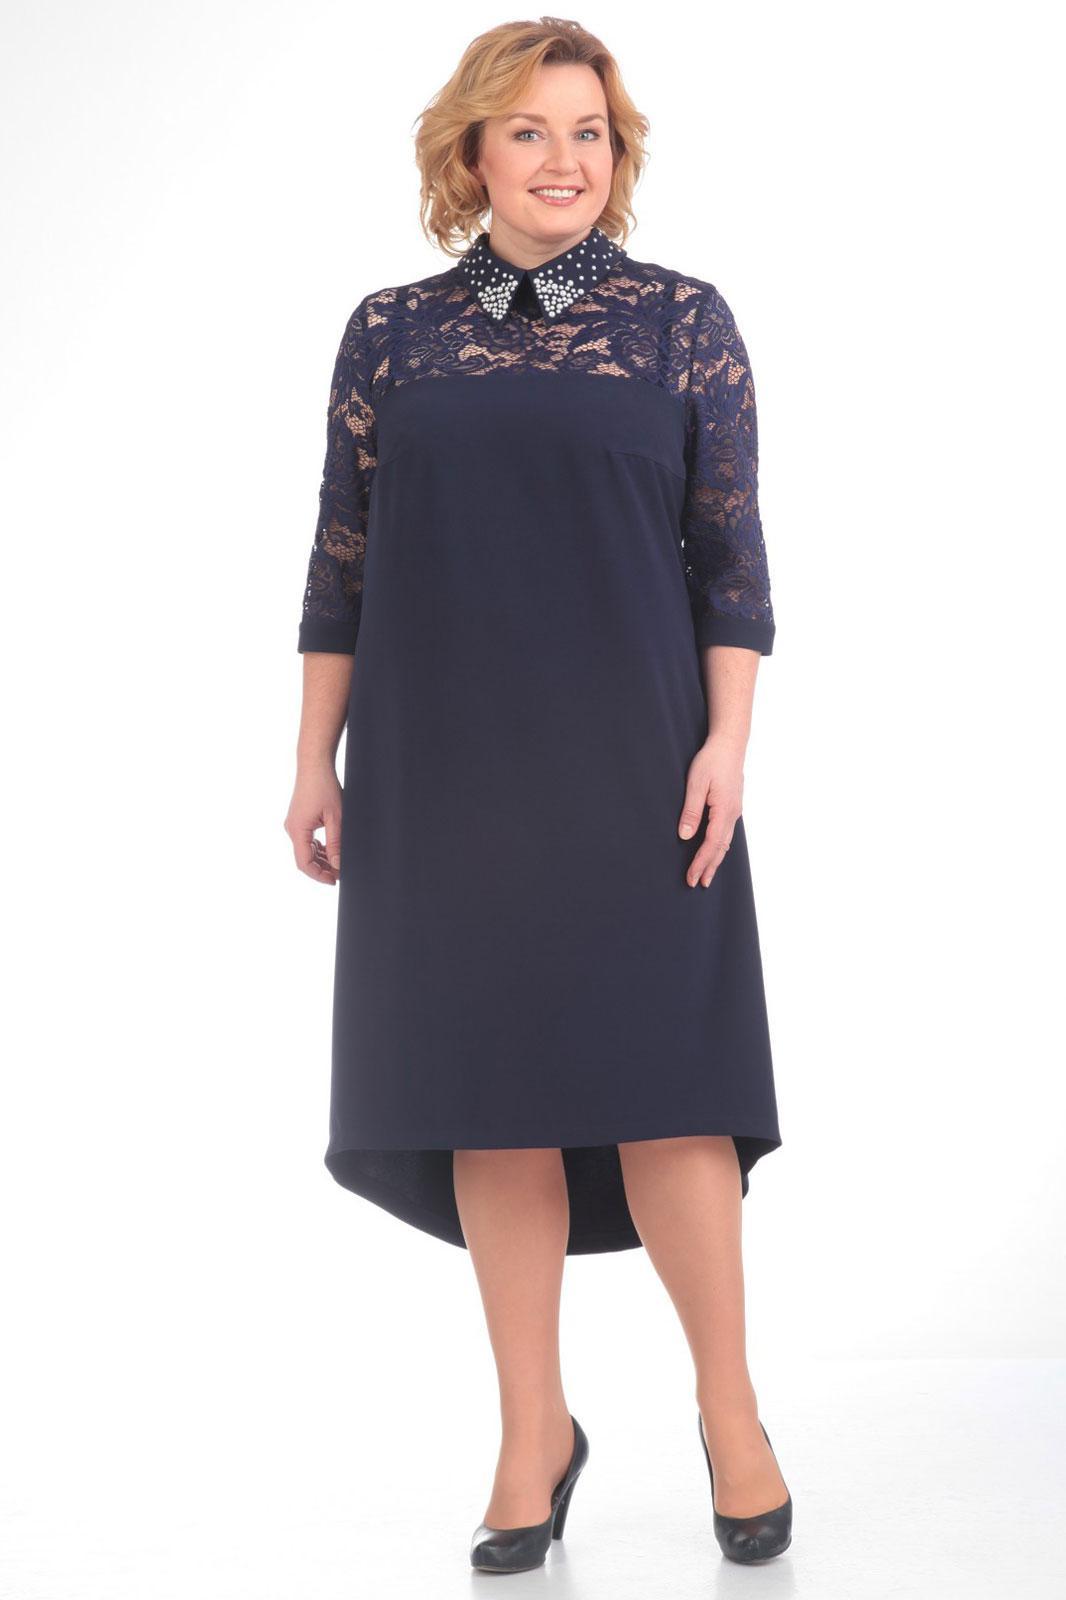 Купить Платье Pretty, 538 темно-синий, Беларусь